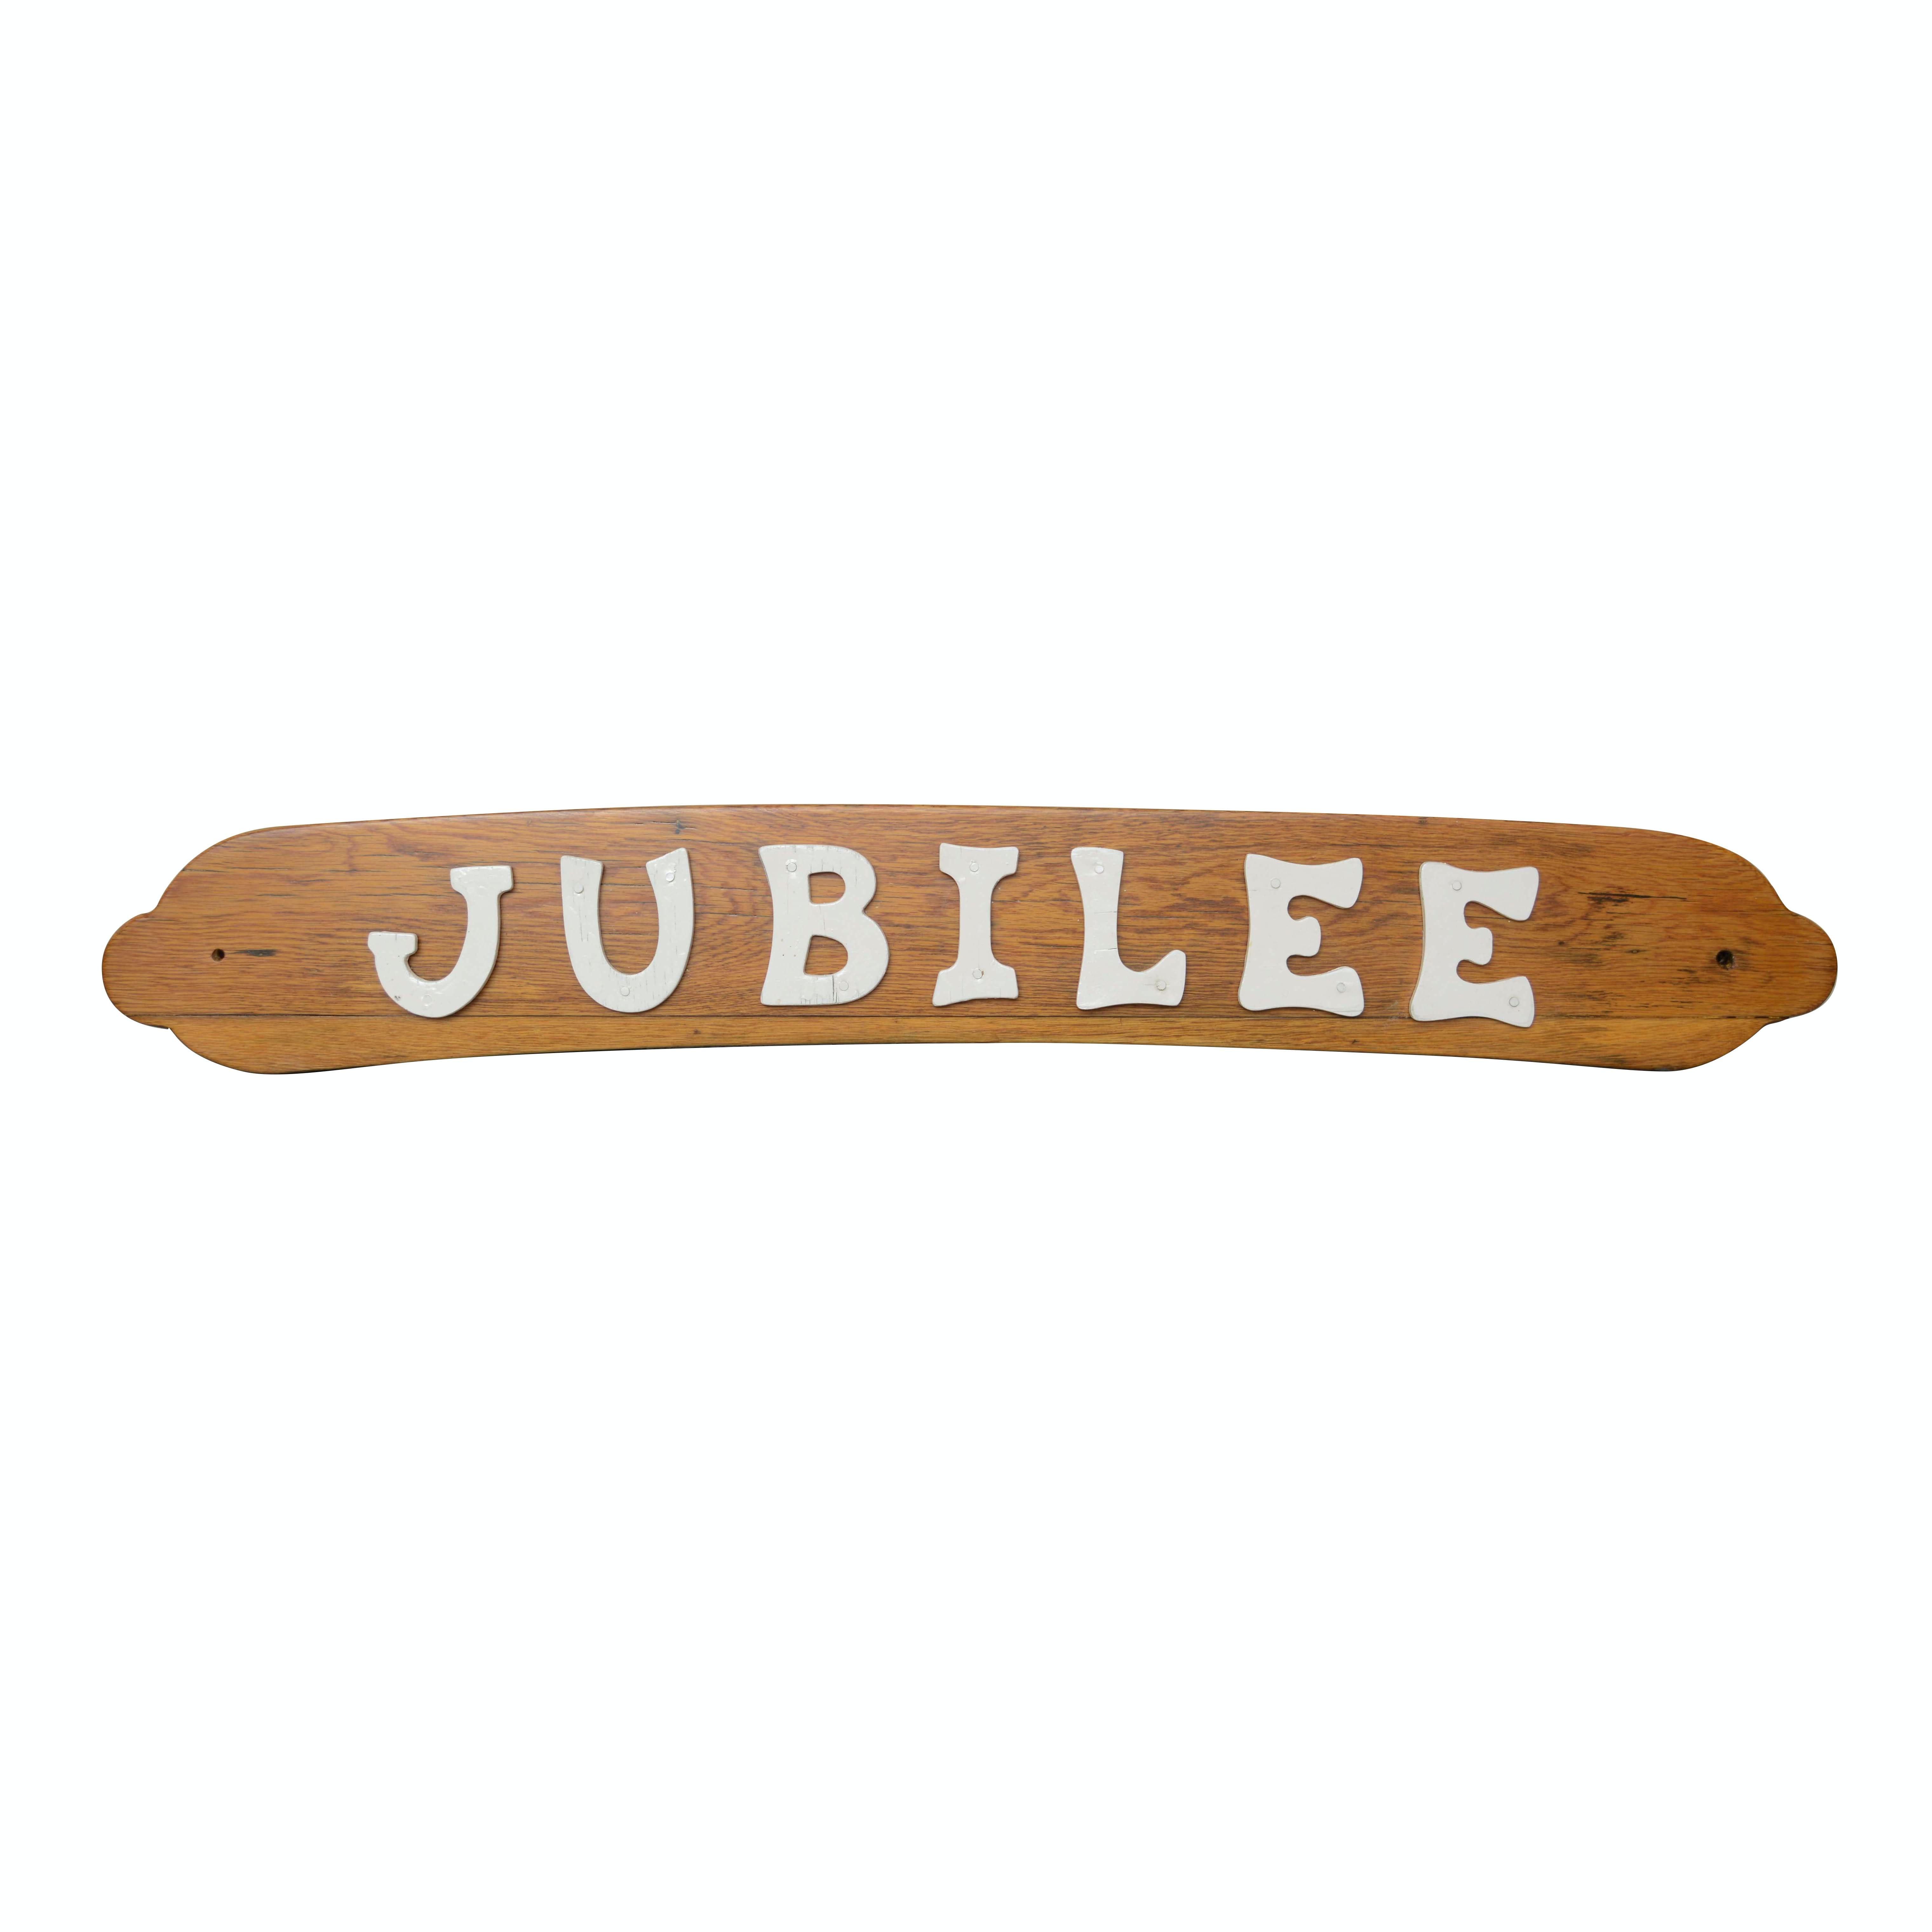 Jubilee Boat Plaque from Estate of Jack Bradley